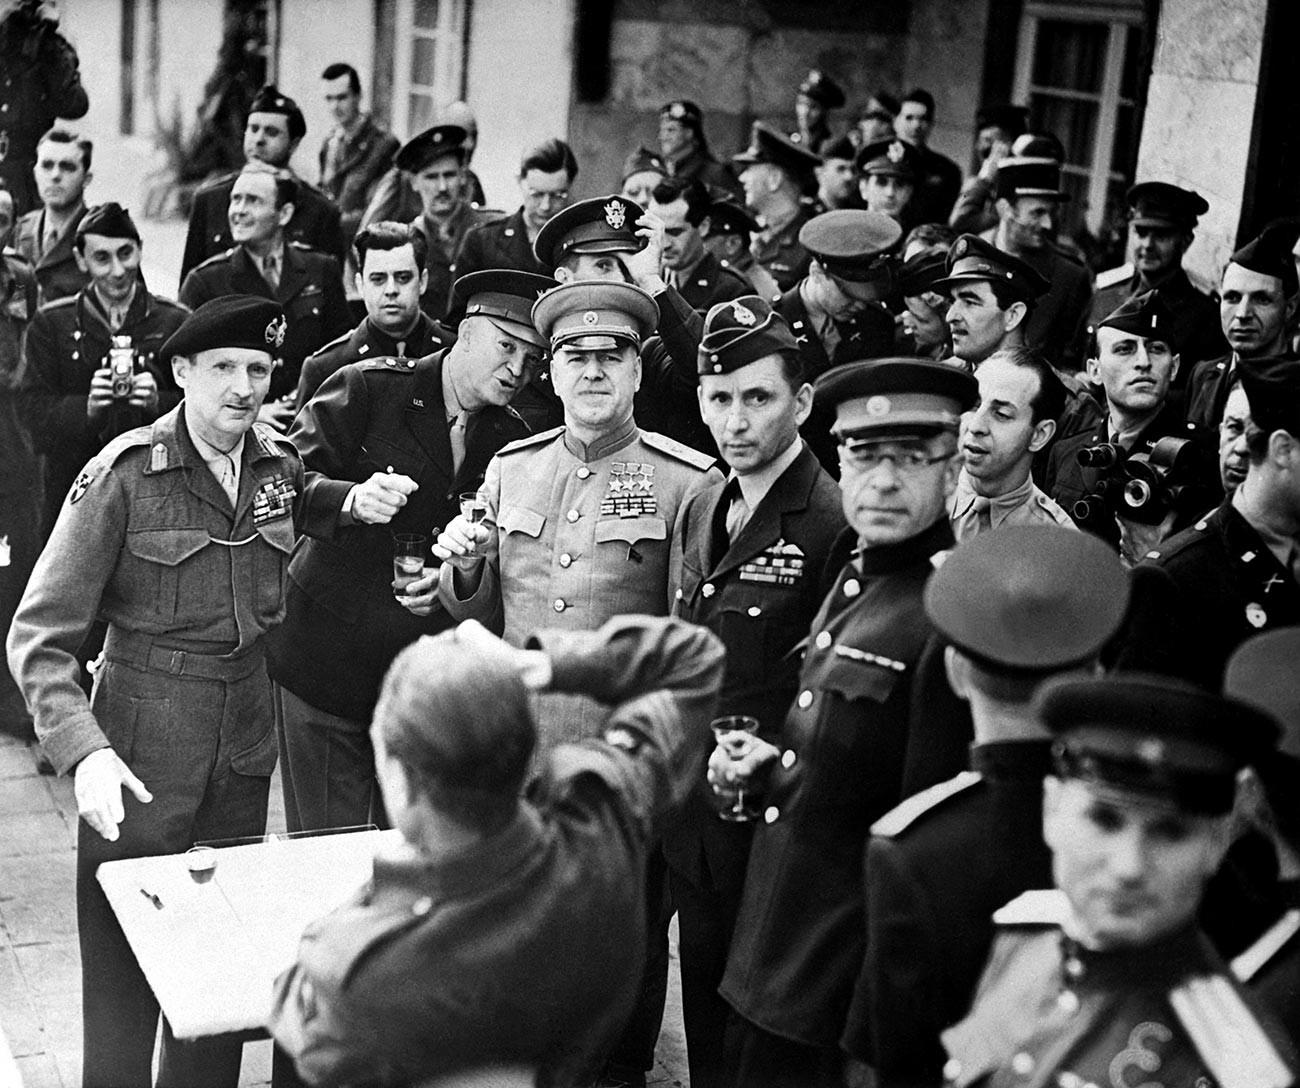 Британски фелдмаршал Бернард Монтгомери (лево са беретком) награђен Орденом Победе 5. јуна 1945. Десно од Монтгомерија су амерички генерал Двајт Ајзенхауер и совјетски маршал Георгиј Жуков, такође награђени Орденом Победе. Десно од Жукова је британски маршал авијације сер Артур Тедер.